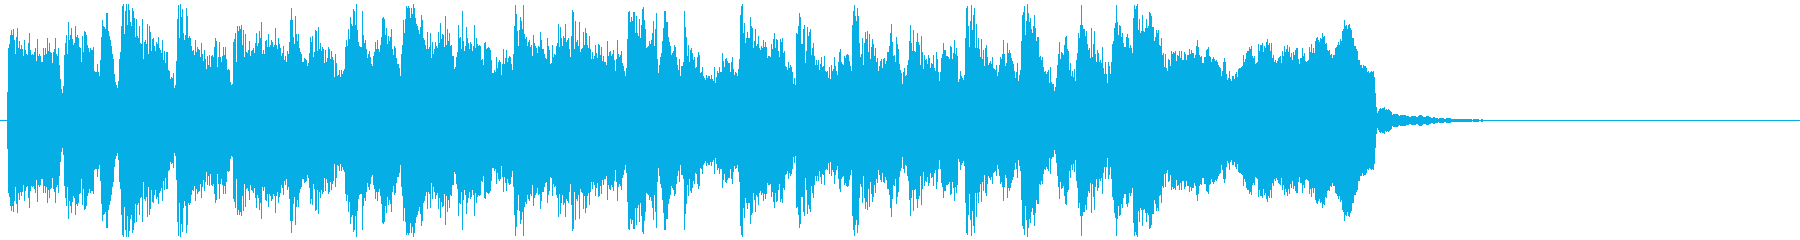 ピクニック系リコーダーポップスのジングルの再生済みの波形